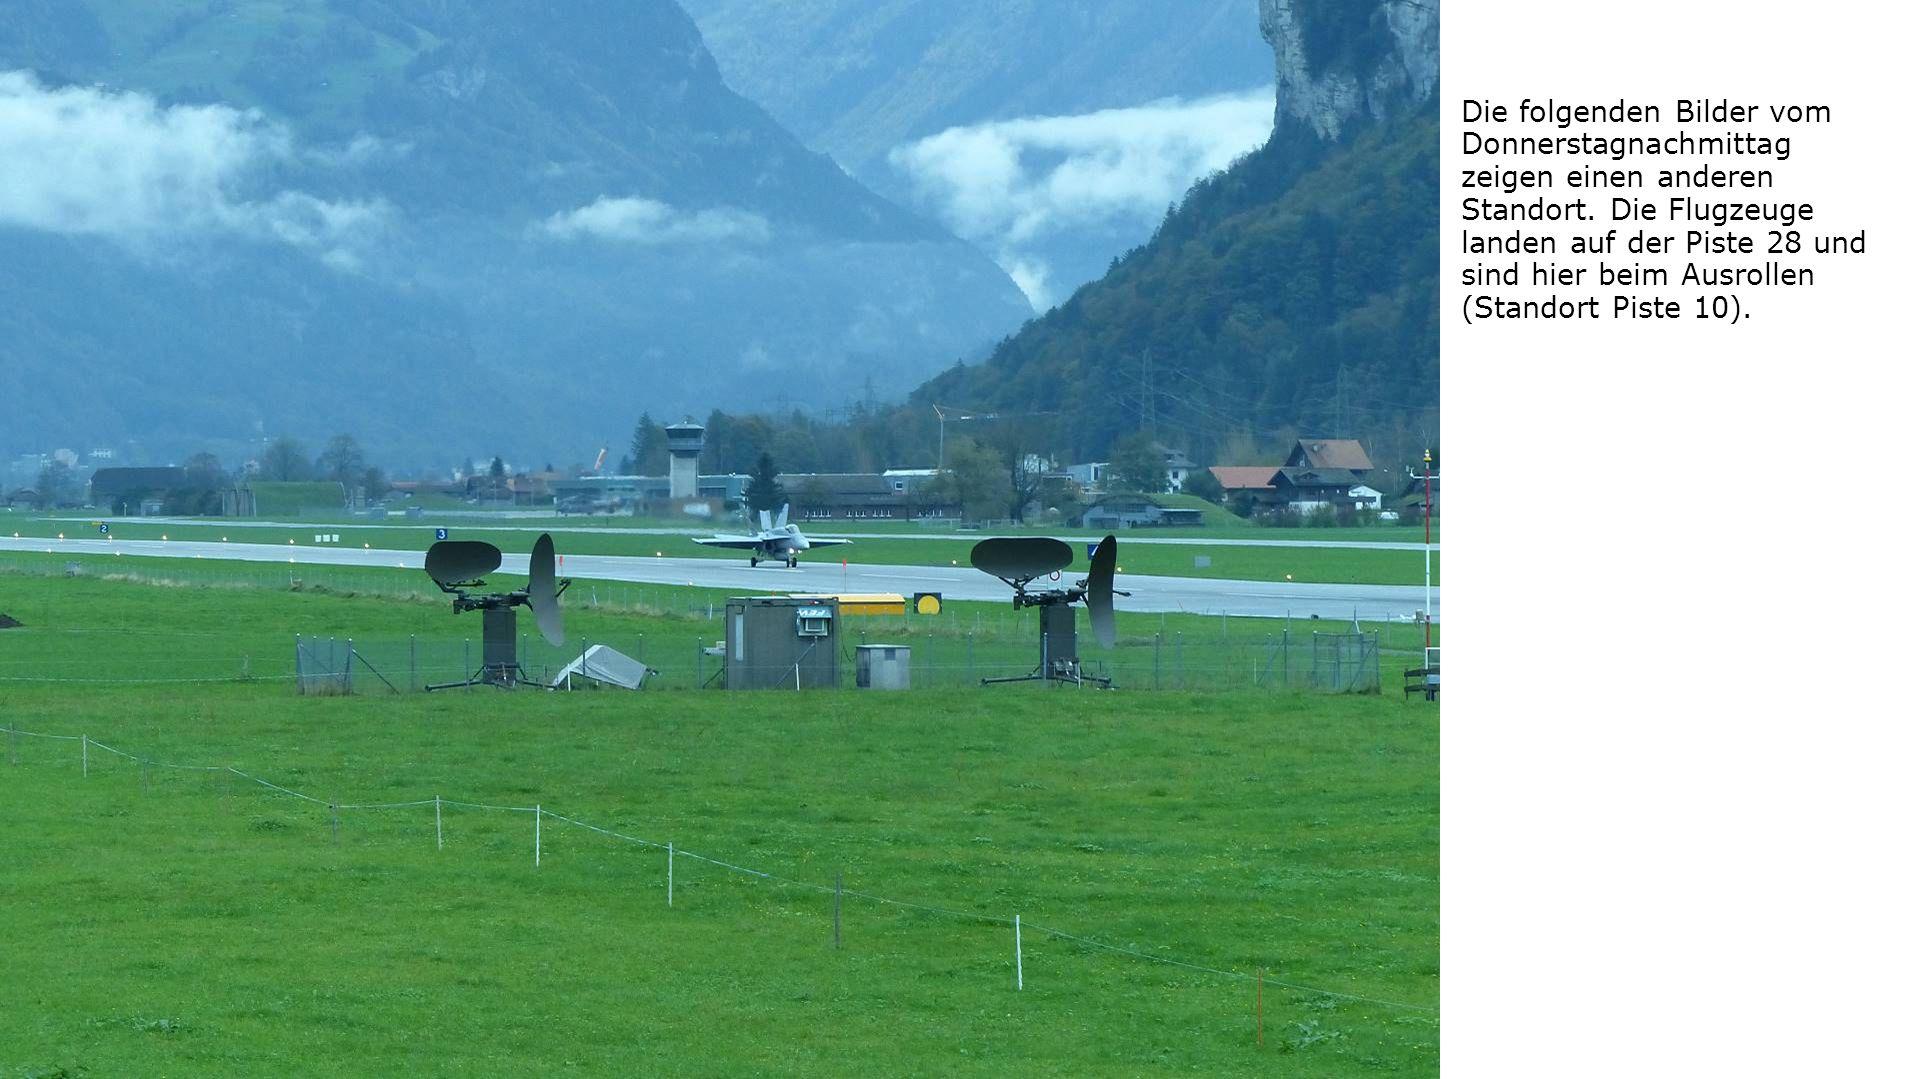 Die folgenden Bilder vom Donnerstagnachmittag zeigen einen anderen Standort. Die Flugzeuge landen auf der Piste 28 und sind hier beim Ausrollen (Stand